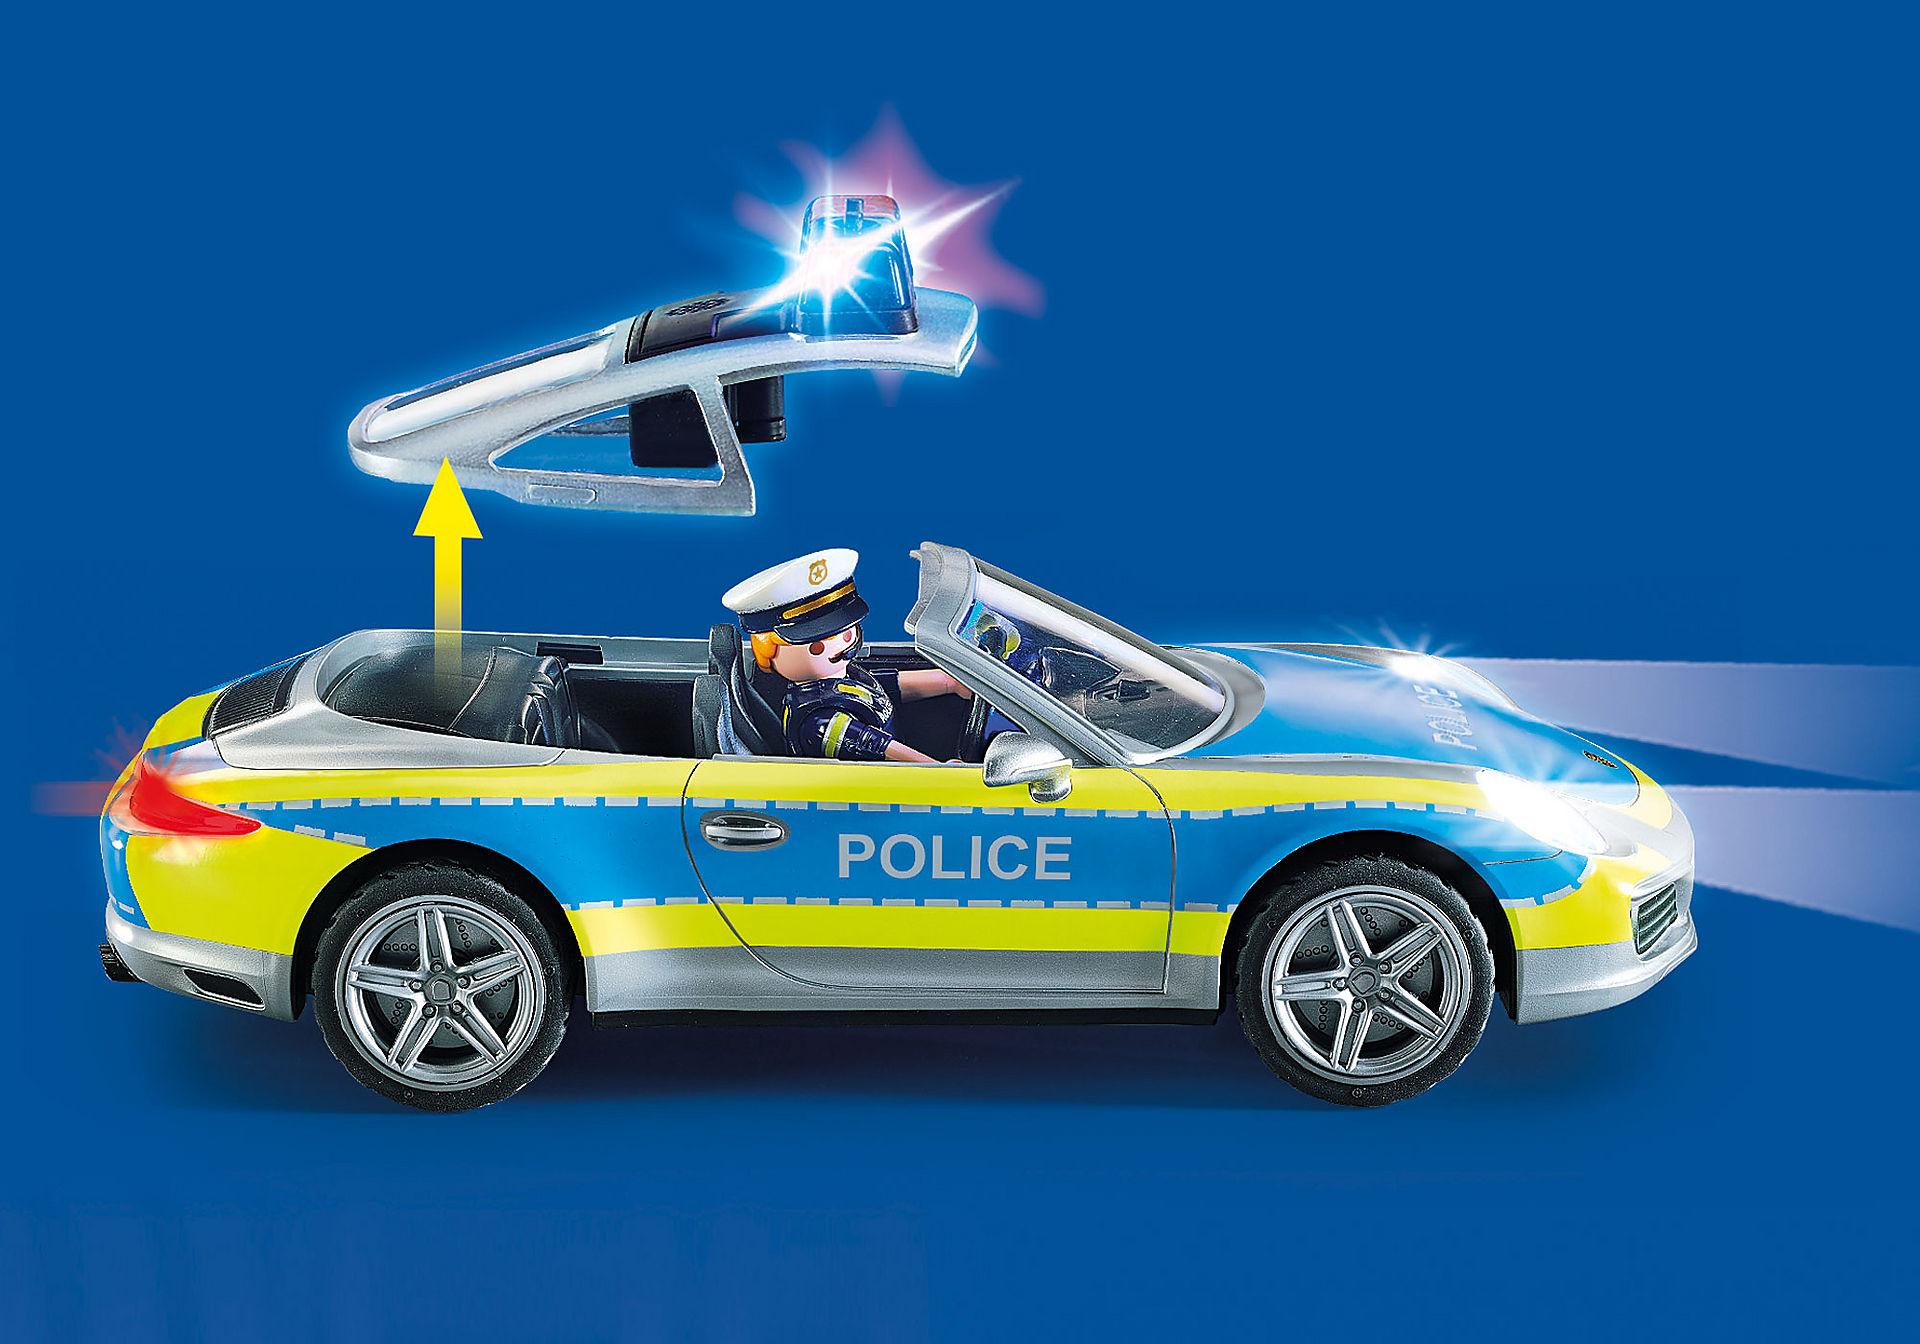 http://media.playmobil.com/i/playmobil/70066_product_extra1/Porsche 911 Carrera 4S Police